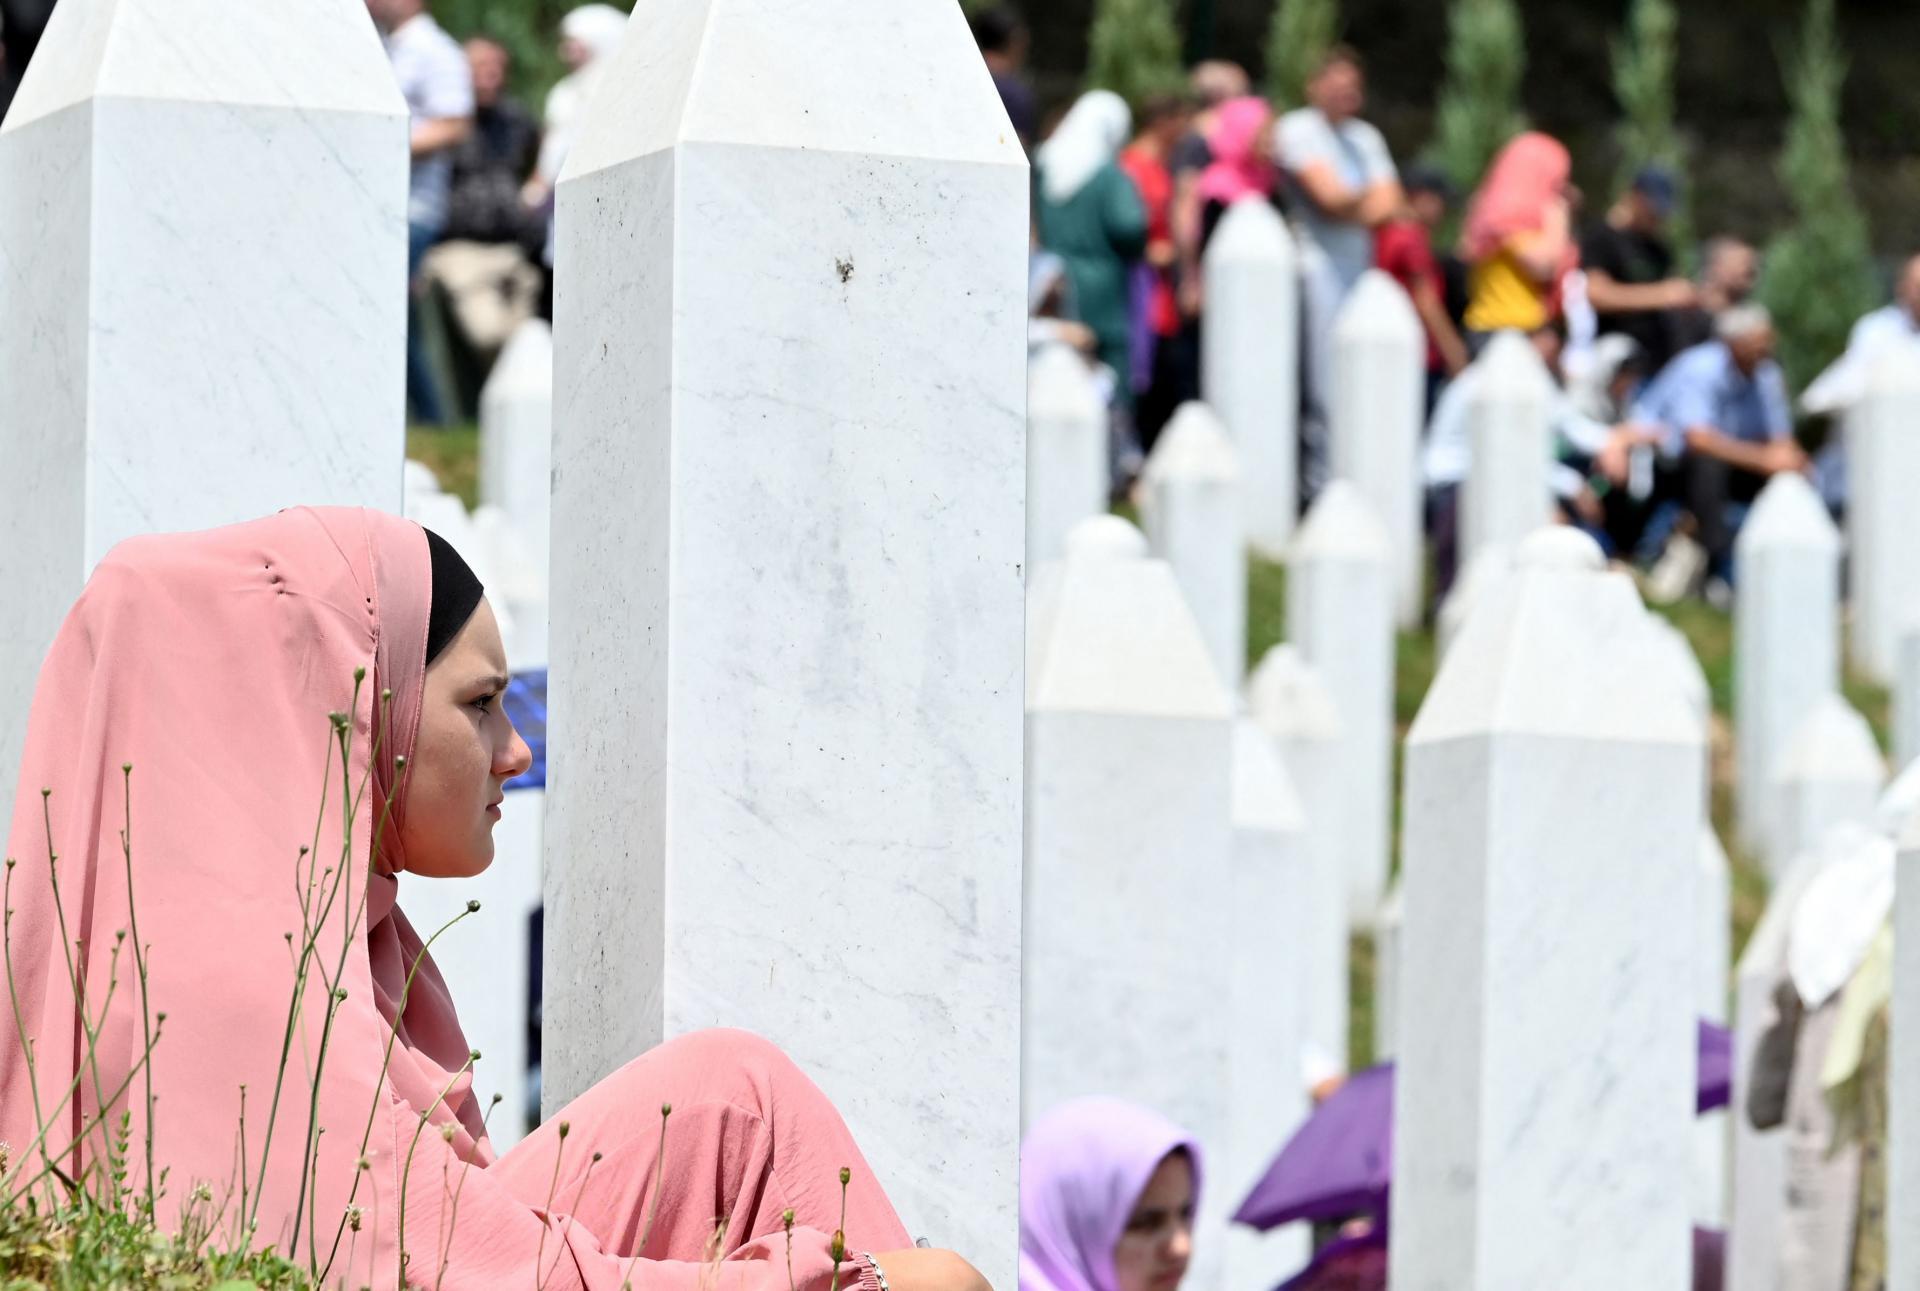 Jedan od čelnika Svjetskog židovskog kongresa tvrdi: 'Nijekanje genocida u Srebrenici podsjeća na nacističku propagandu'